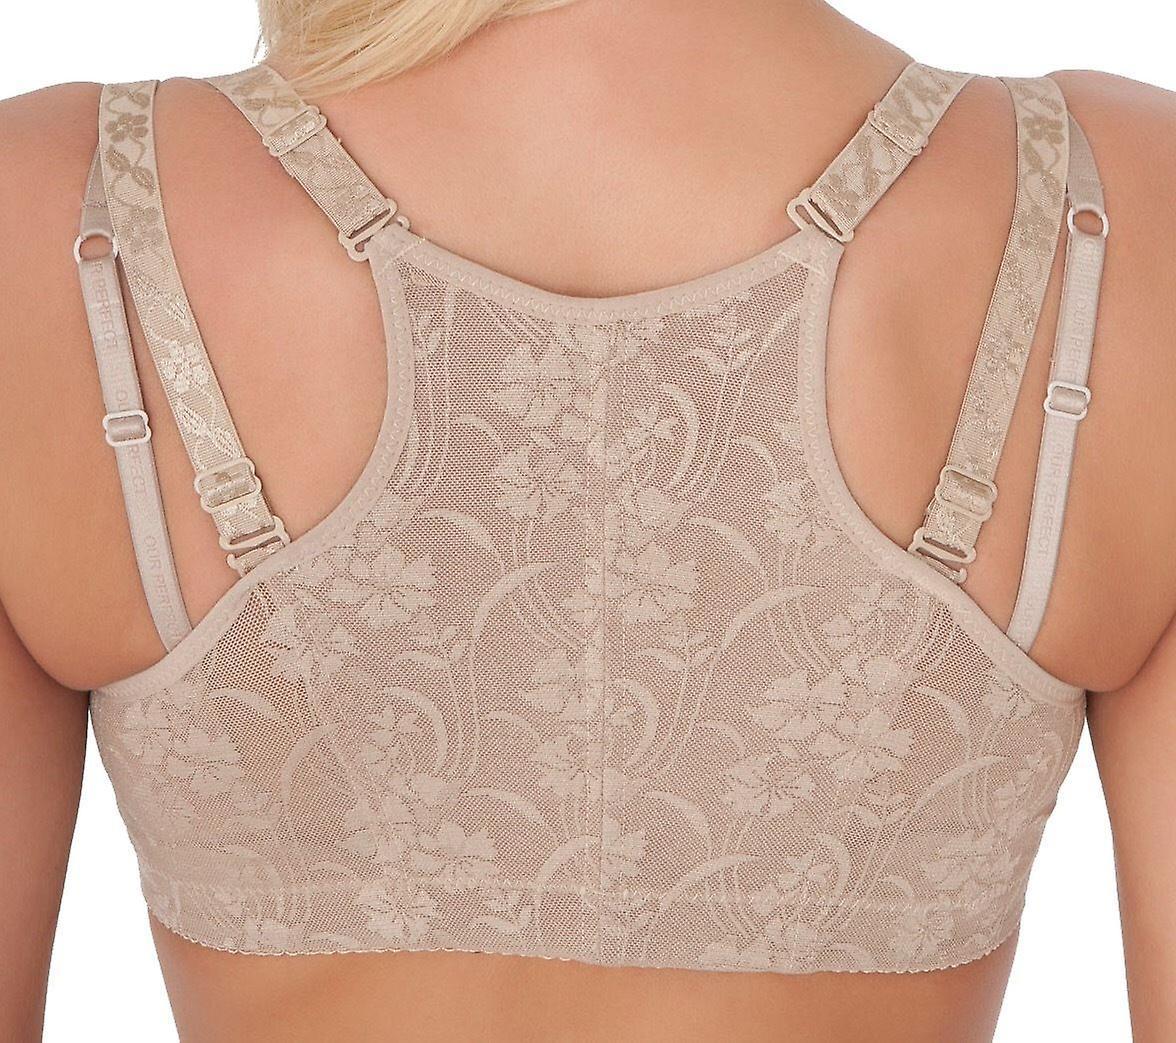 पुश अप जादू ब्रा आकारर Shapewear बनियान बस्ट ऊपर स्तन समर्थन सेक्सी ब्रा